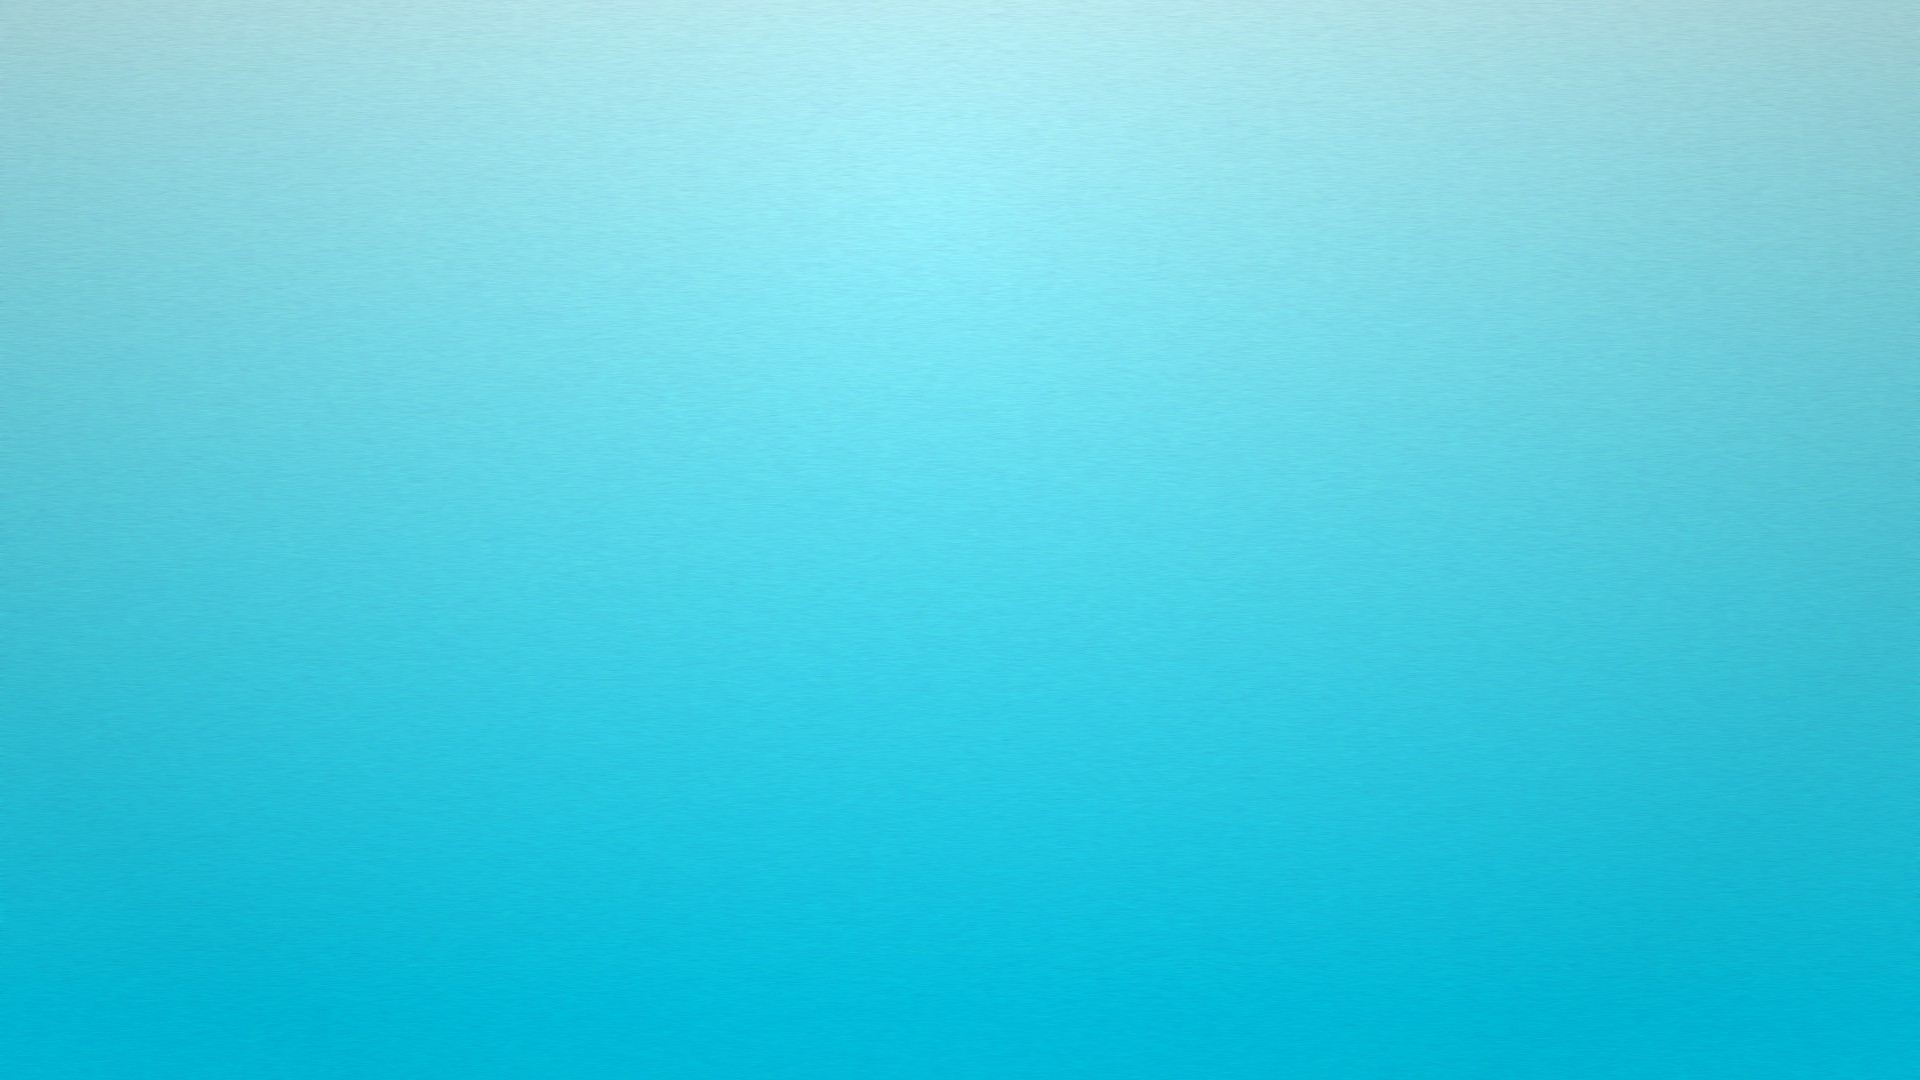 Plain Blue Picture